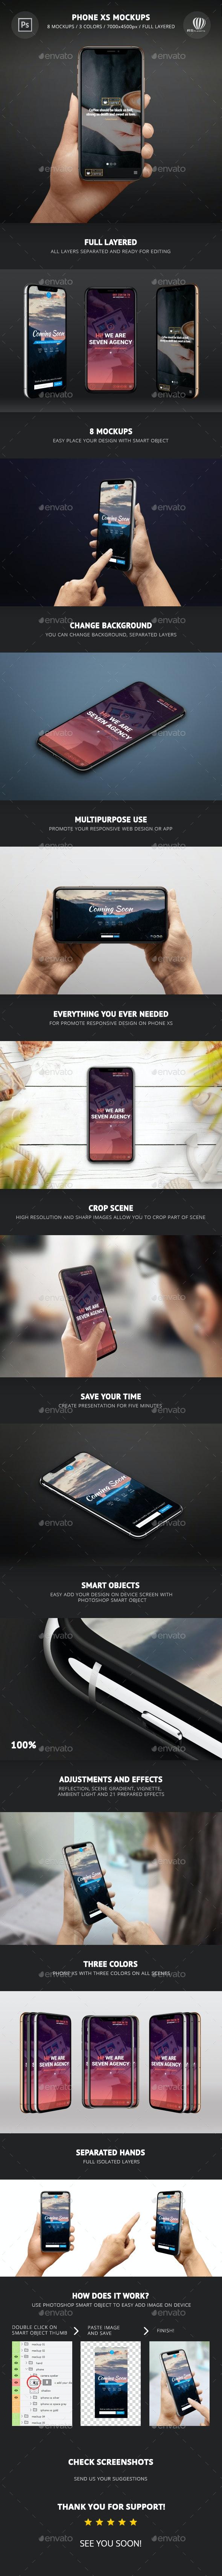 Phone XS Mockups - Mobile Displays